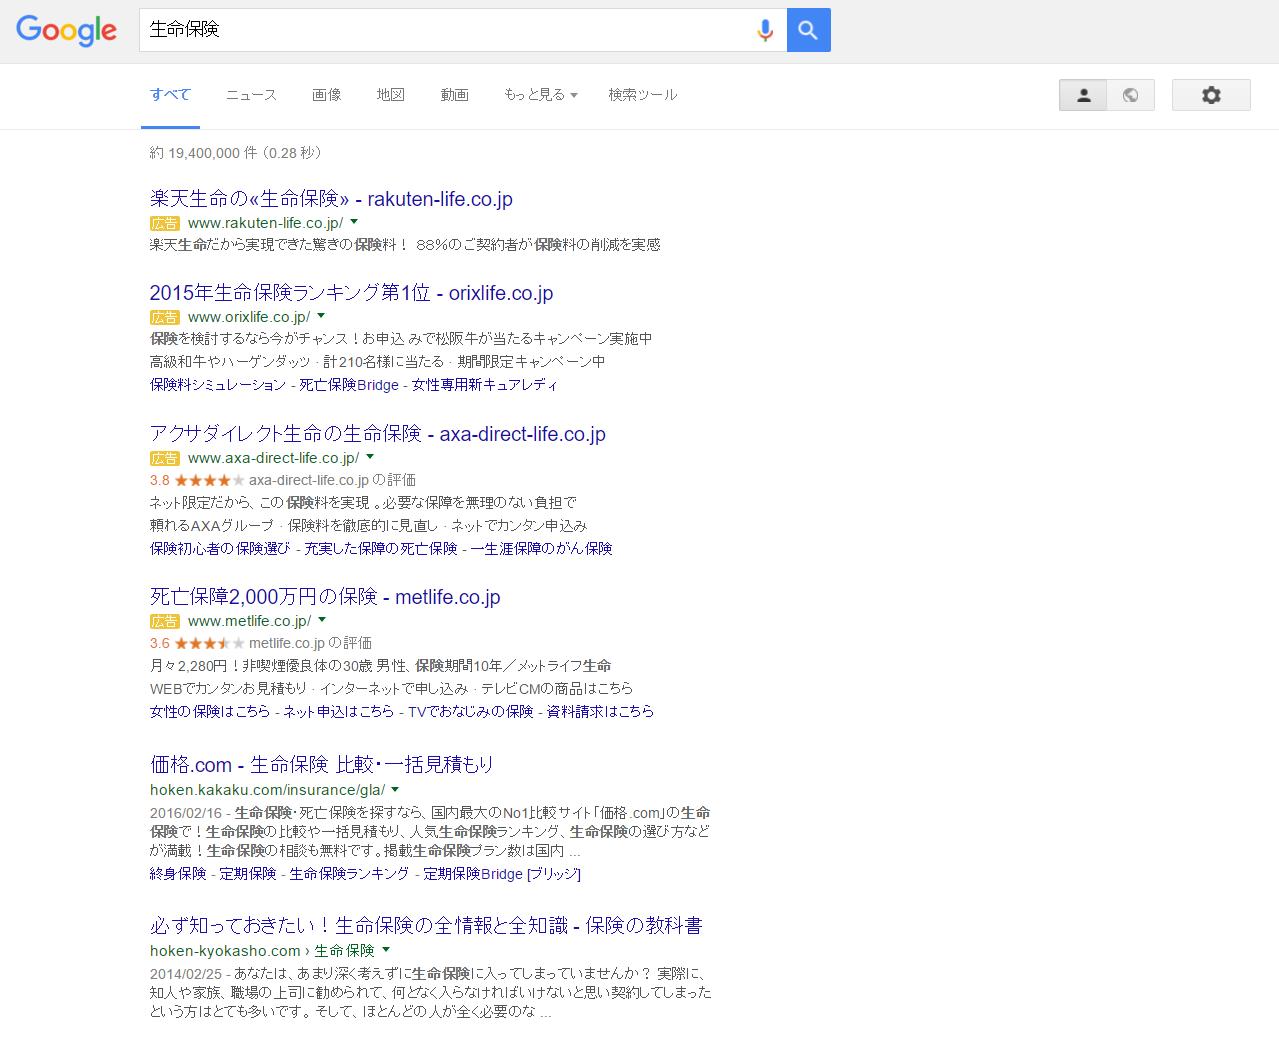 保険検索後の画面